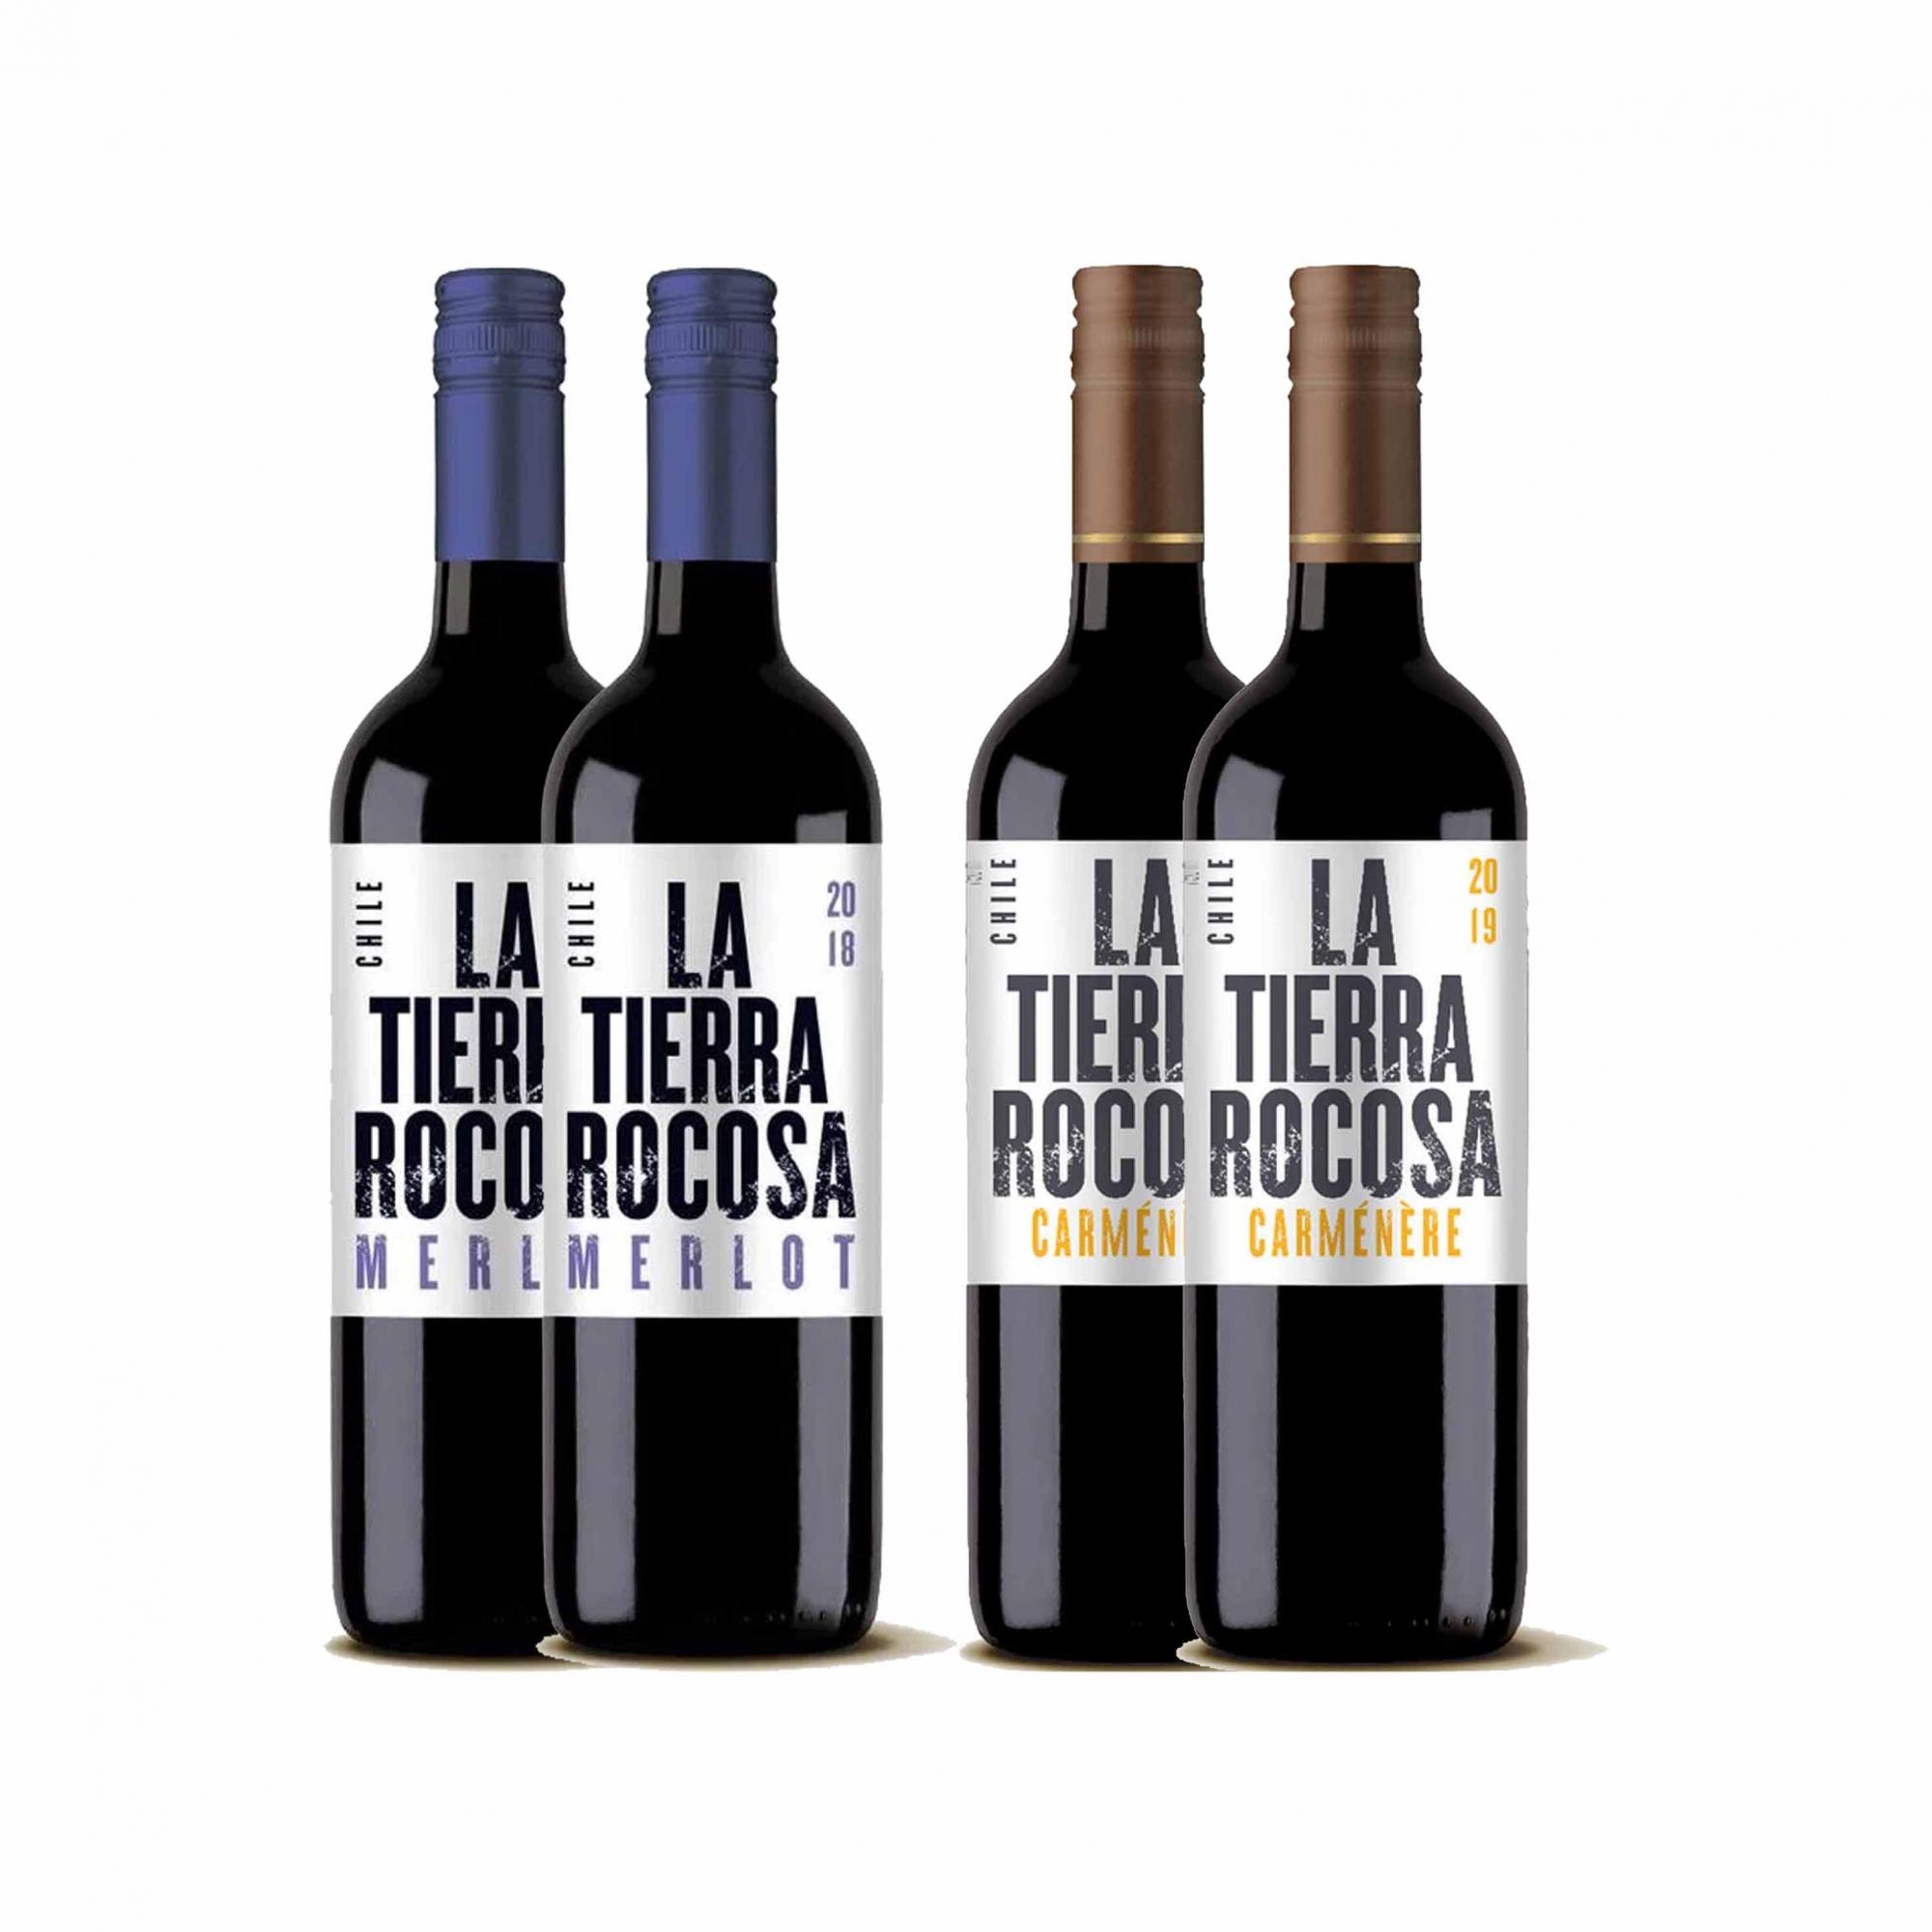 Kit 4x Vinho Tinto Chileno La Tierra Rocosa Camenere/Merlot